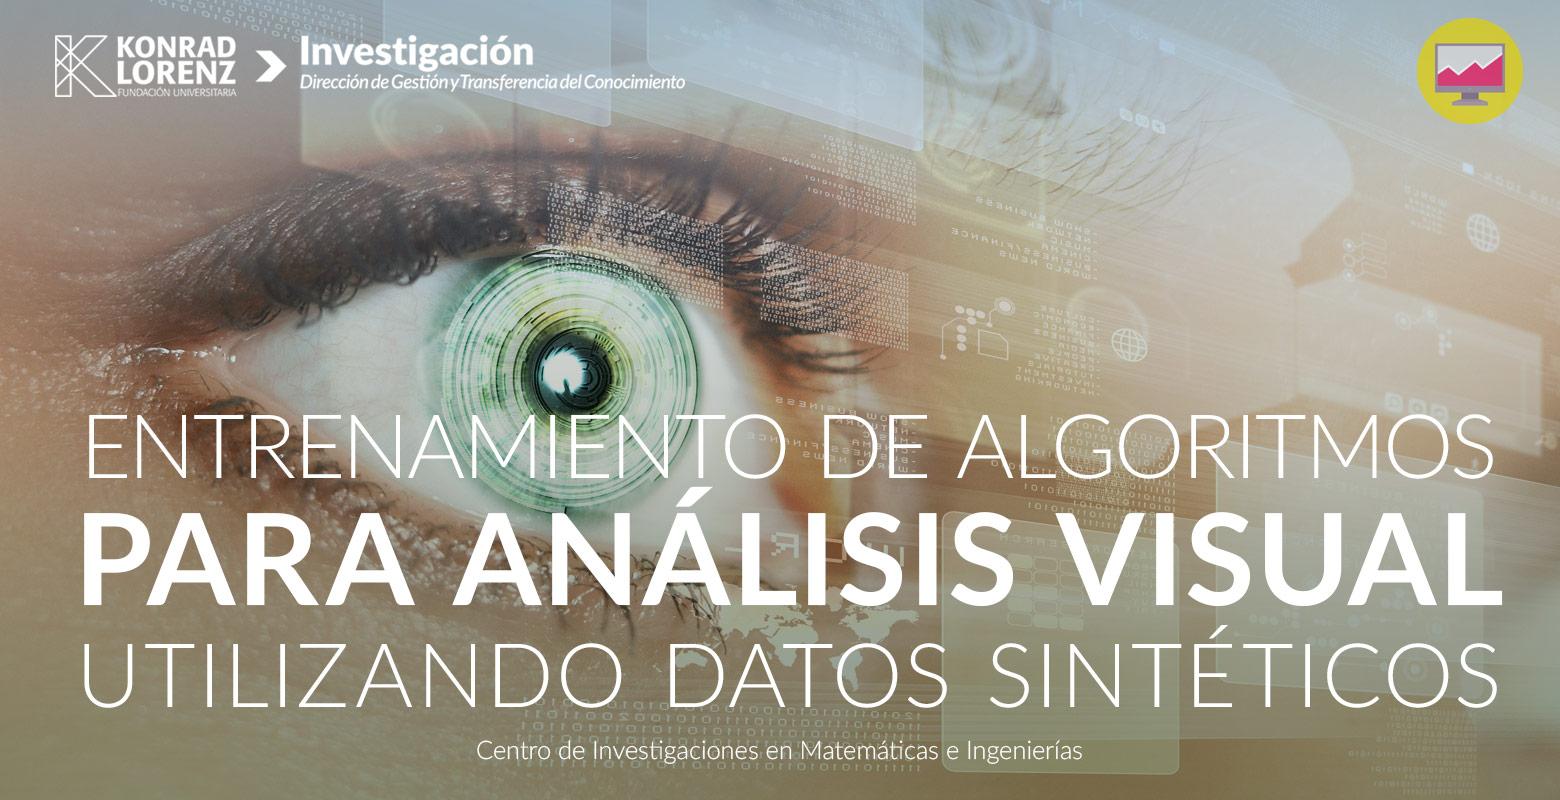 Entrenamiento de algoritmos para análisis visual utilizando datos sintéticos